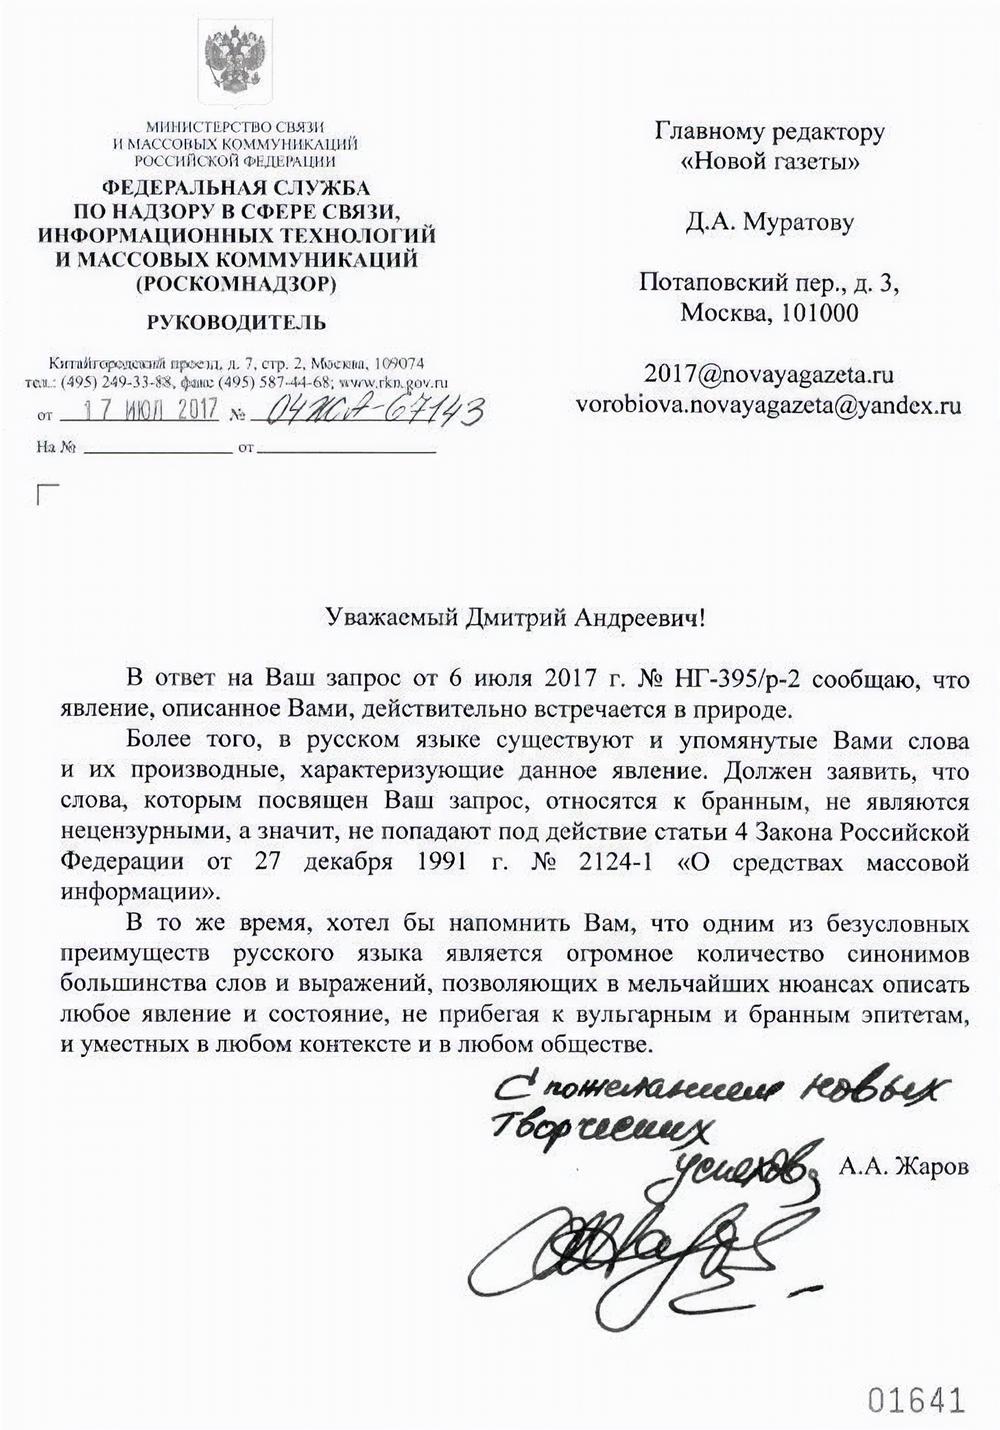 Глава Роскомнадзора пишет, что мудаки в природе встречаются и слово «мудак» в список нецензурных не входит. Источник: «Новая газета»